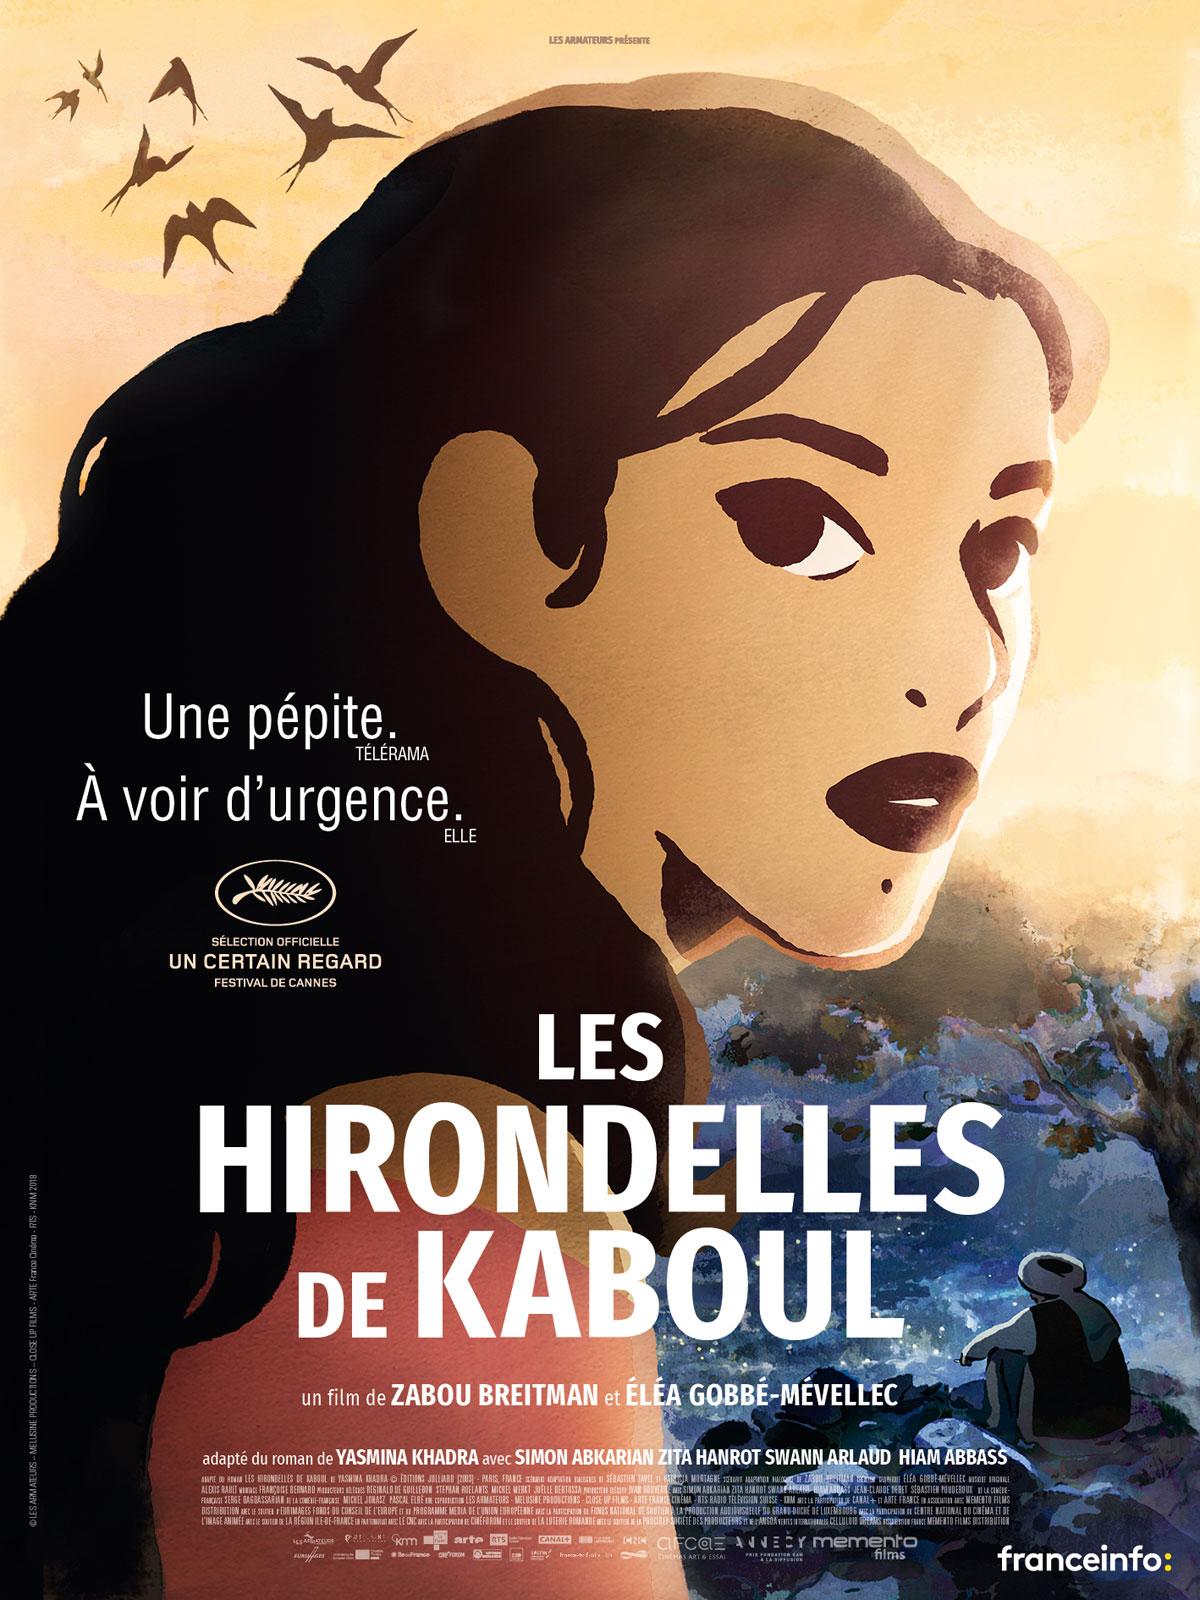 Les Hirondelles De Kaboul Critique : hirondelles, kaboul, critique, Achat, Hirondelles, Kaboul, AlloCiné